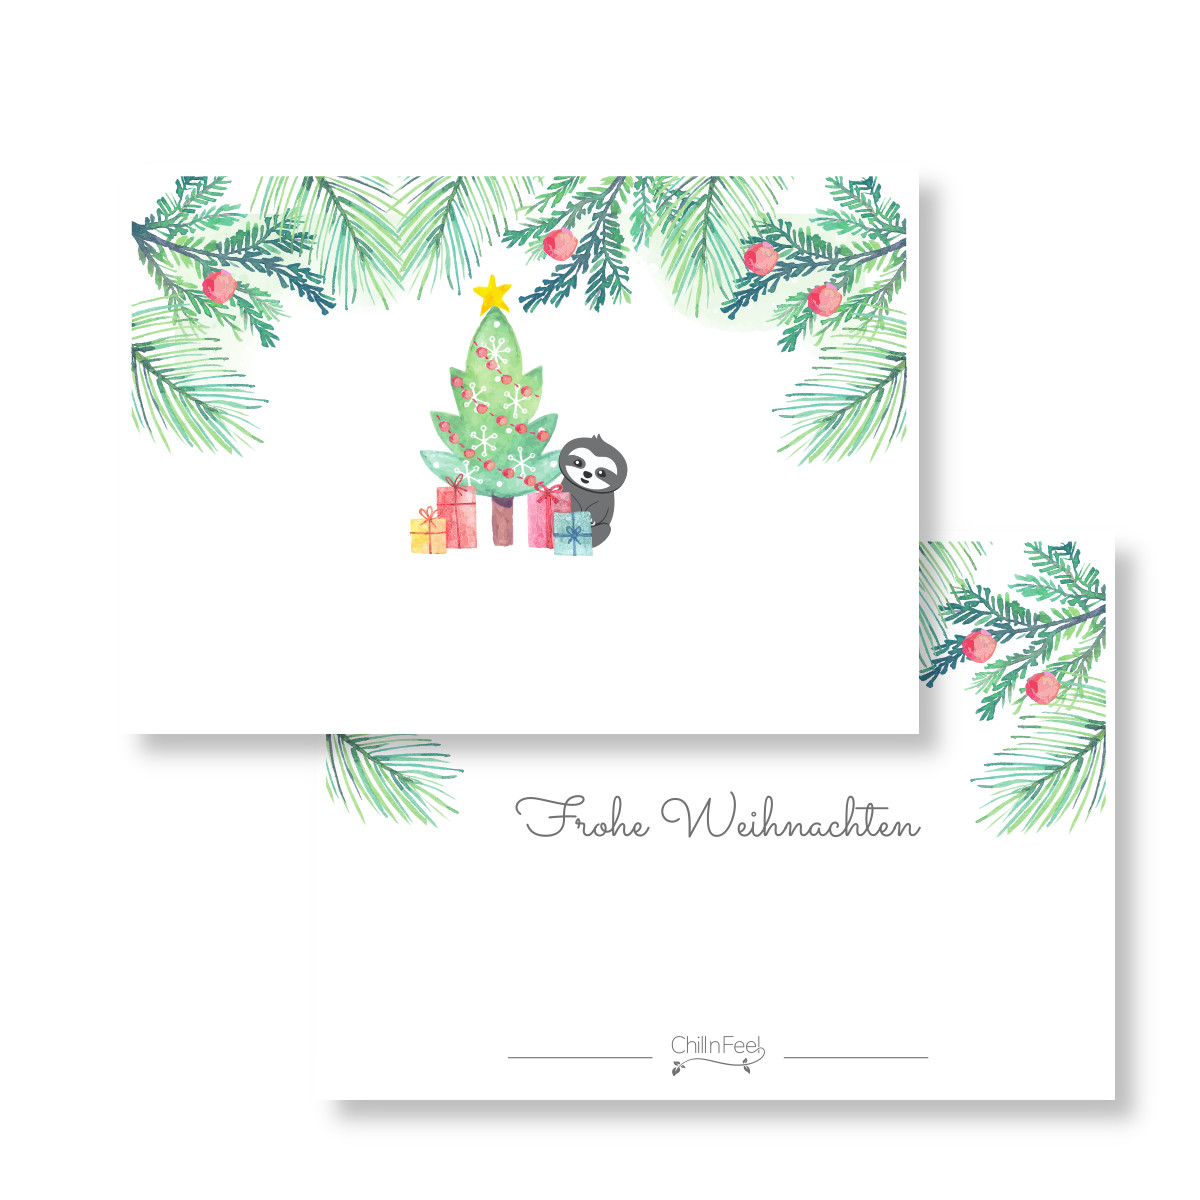 Weihnachtsgeschenk verpacken